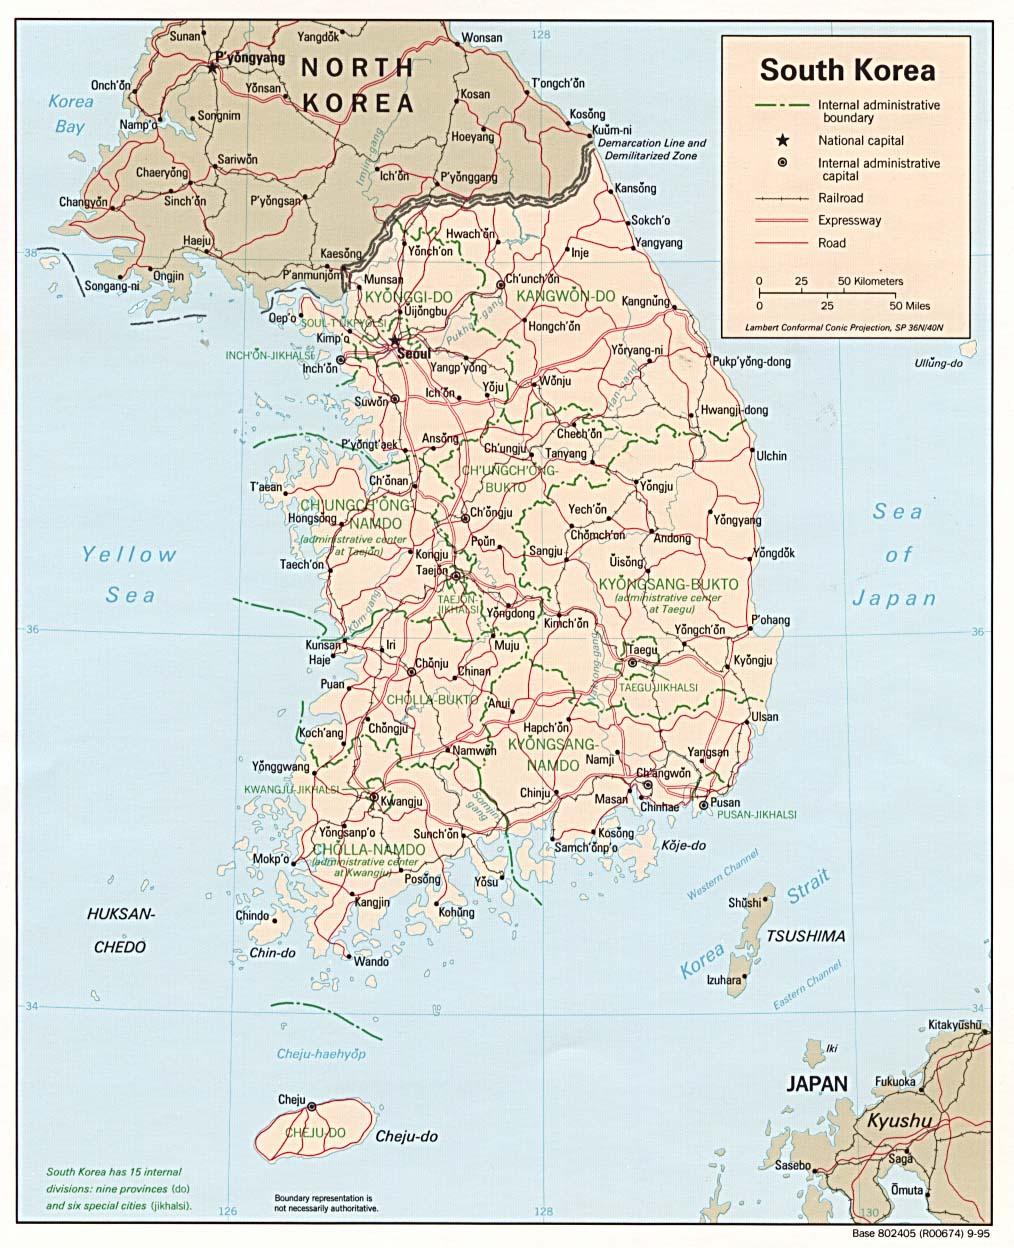 Country Maps SOUTH AND NORTH KOREA – grameentour.com